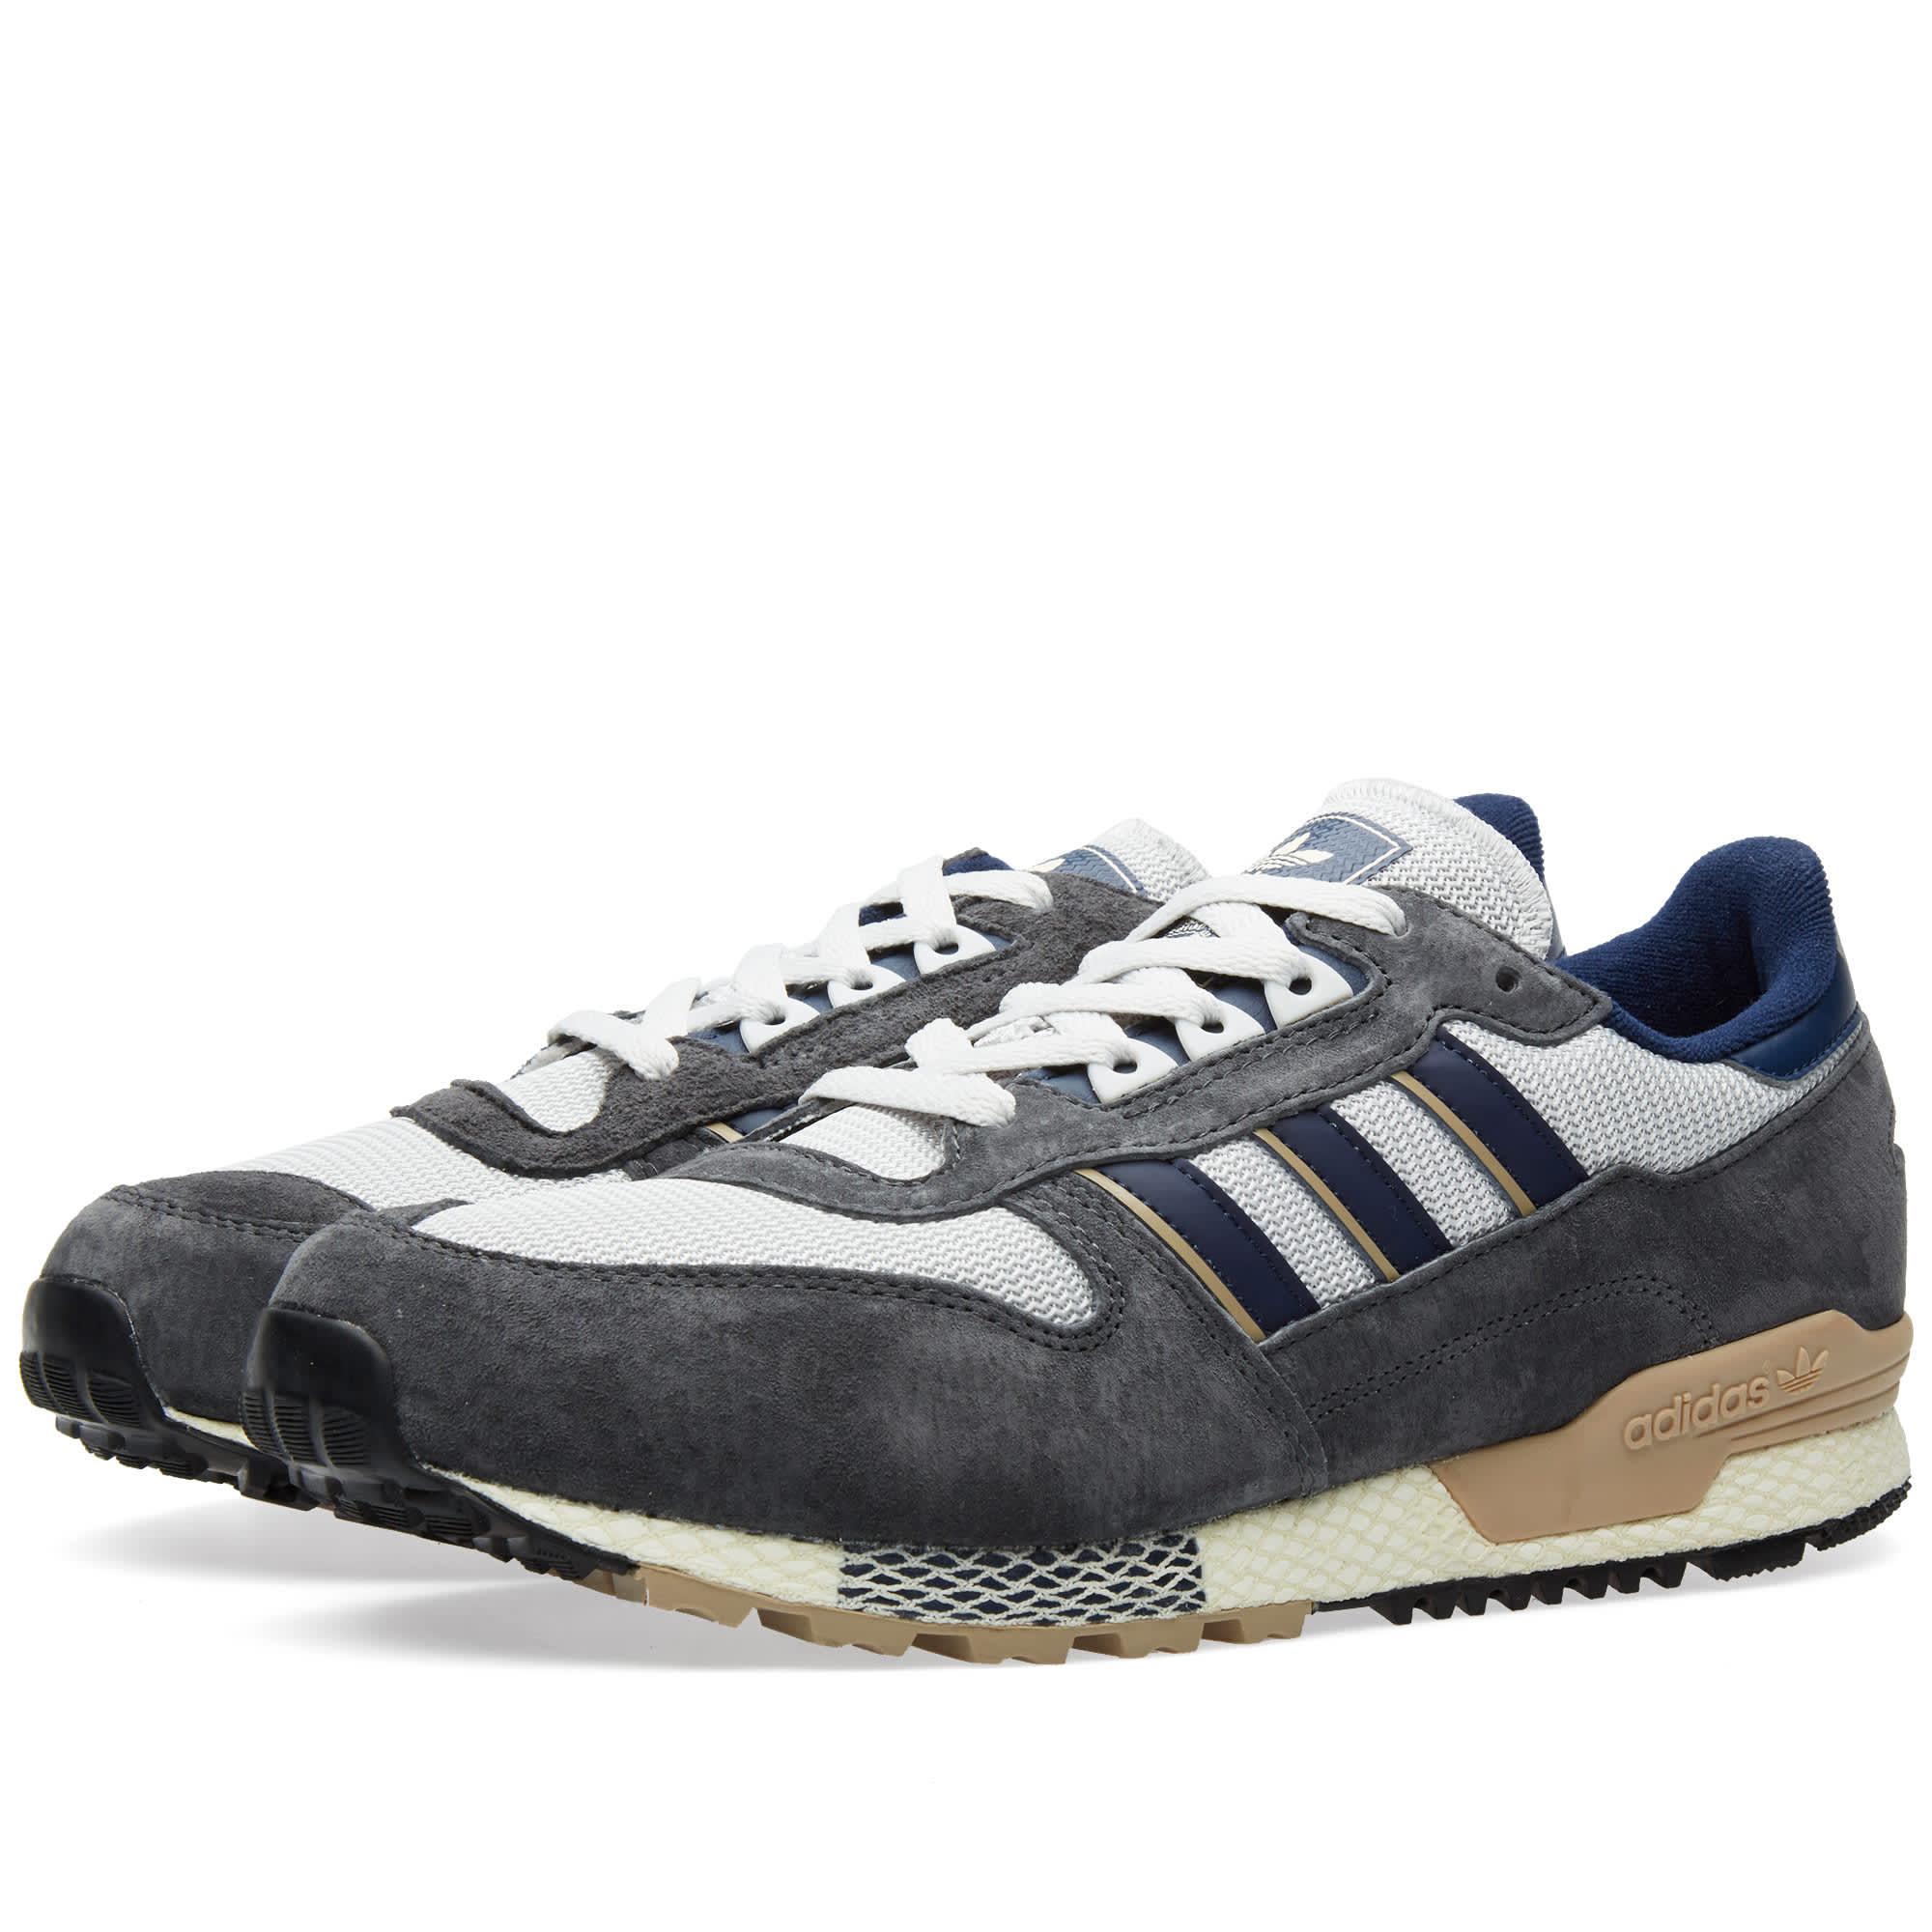 Adidas Spezial Kirkdale Light Grey